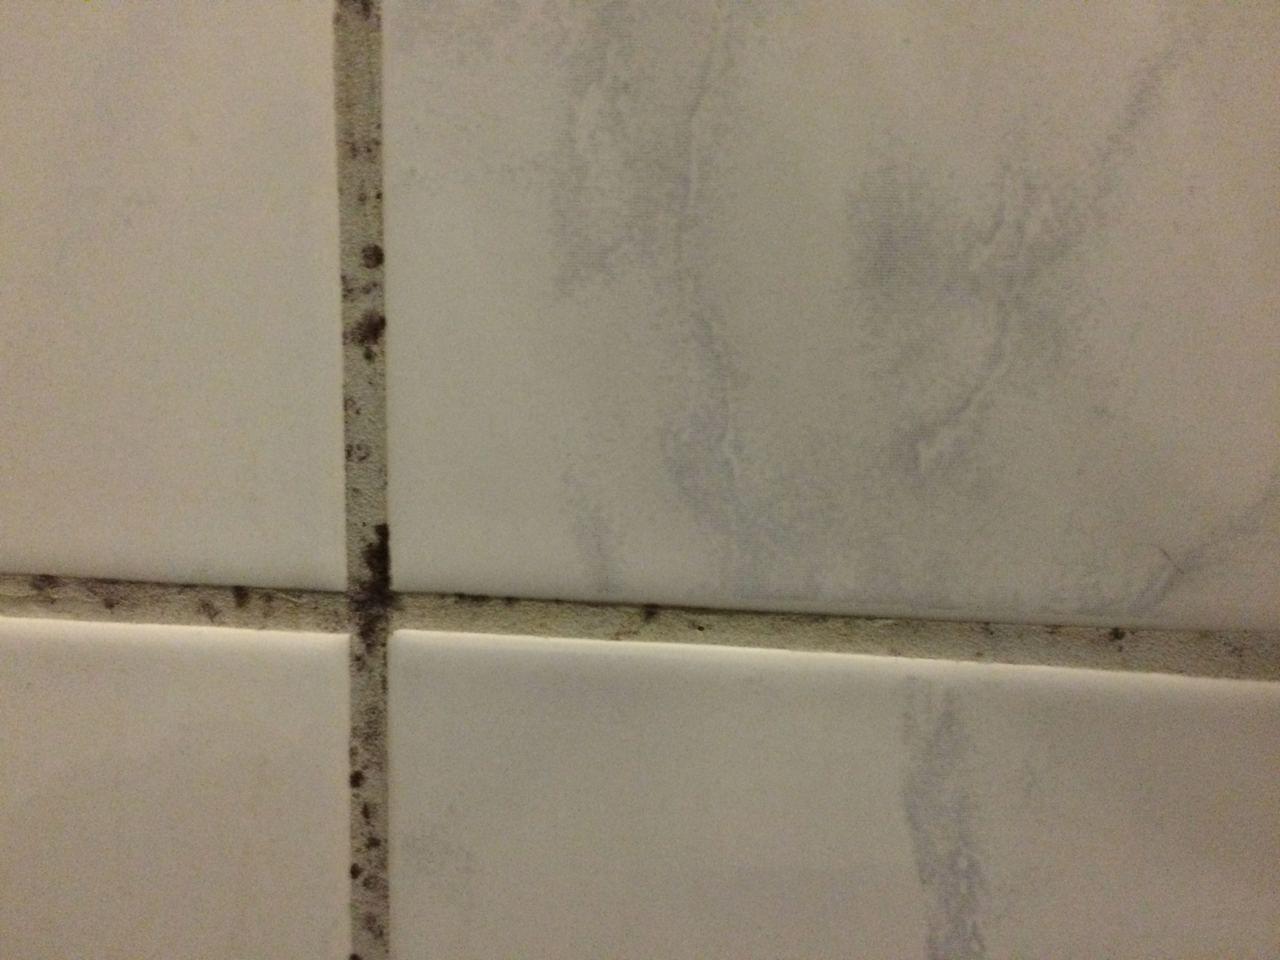 Dusche Reinigen Mit Hausmitteln Klappt Auch Bei Schimmel Duschkabine Reinigen Duschkabine Fugen In Der Dusche Reinigen